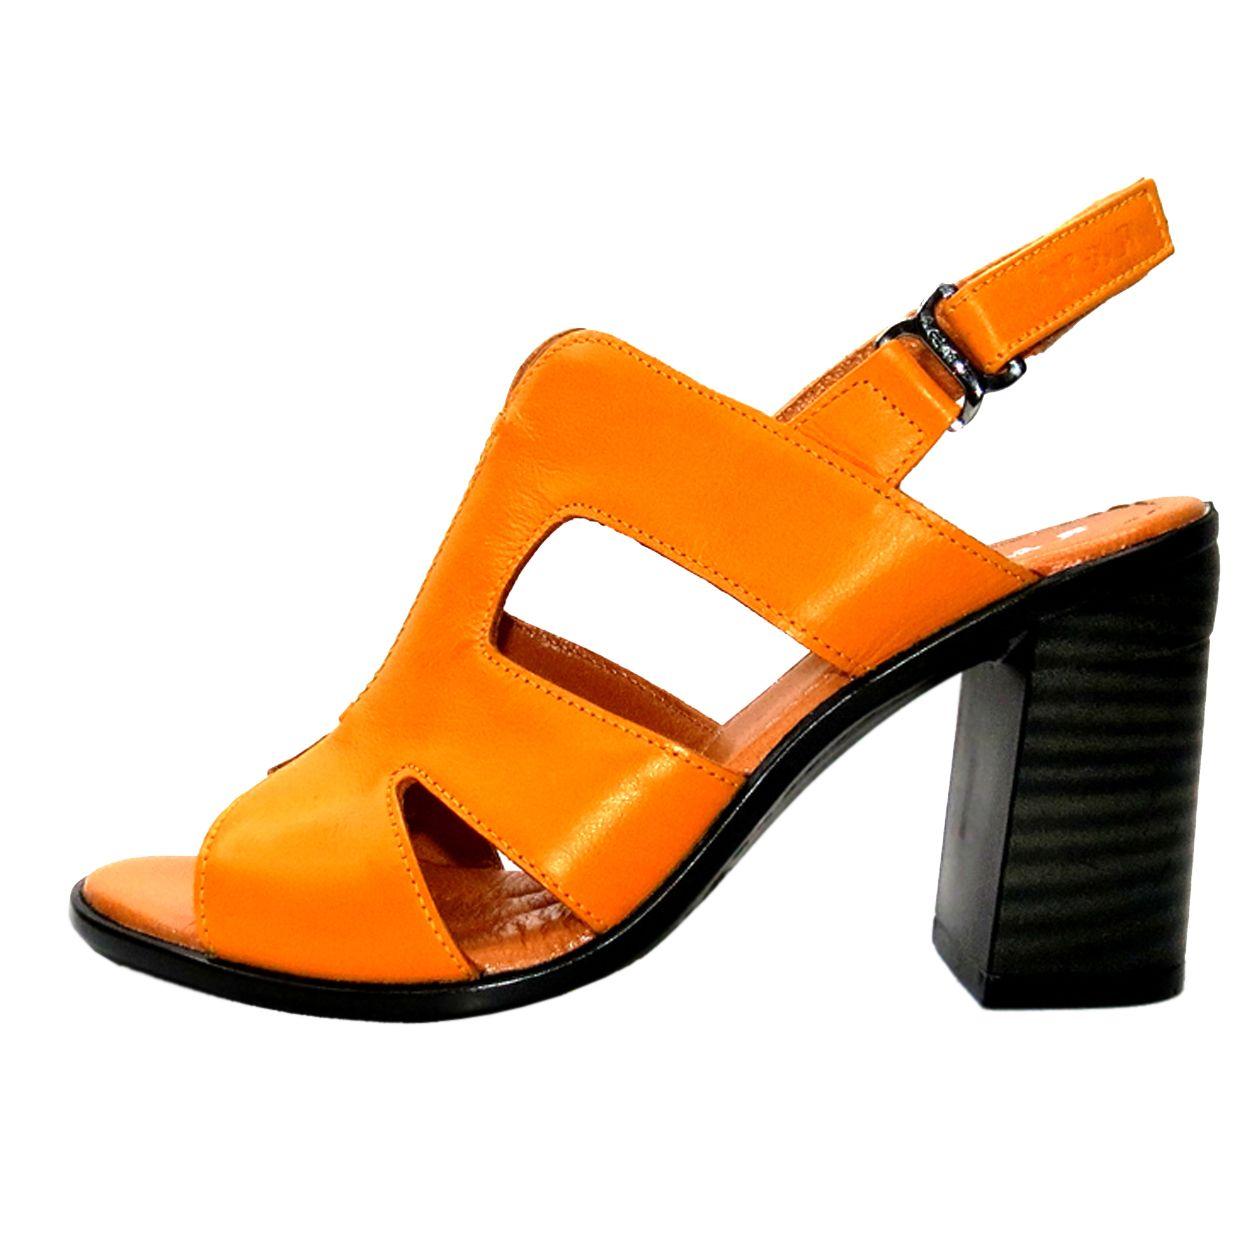 صندل زنانه آر اند دبلیو مدل 654 رنگ پرتقالی -  - 2